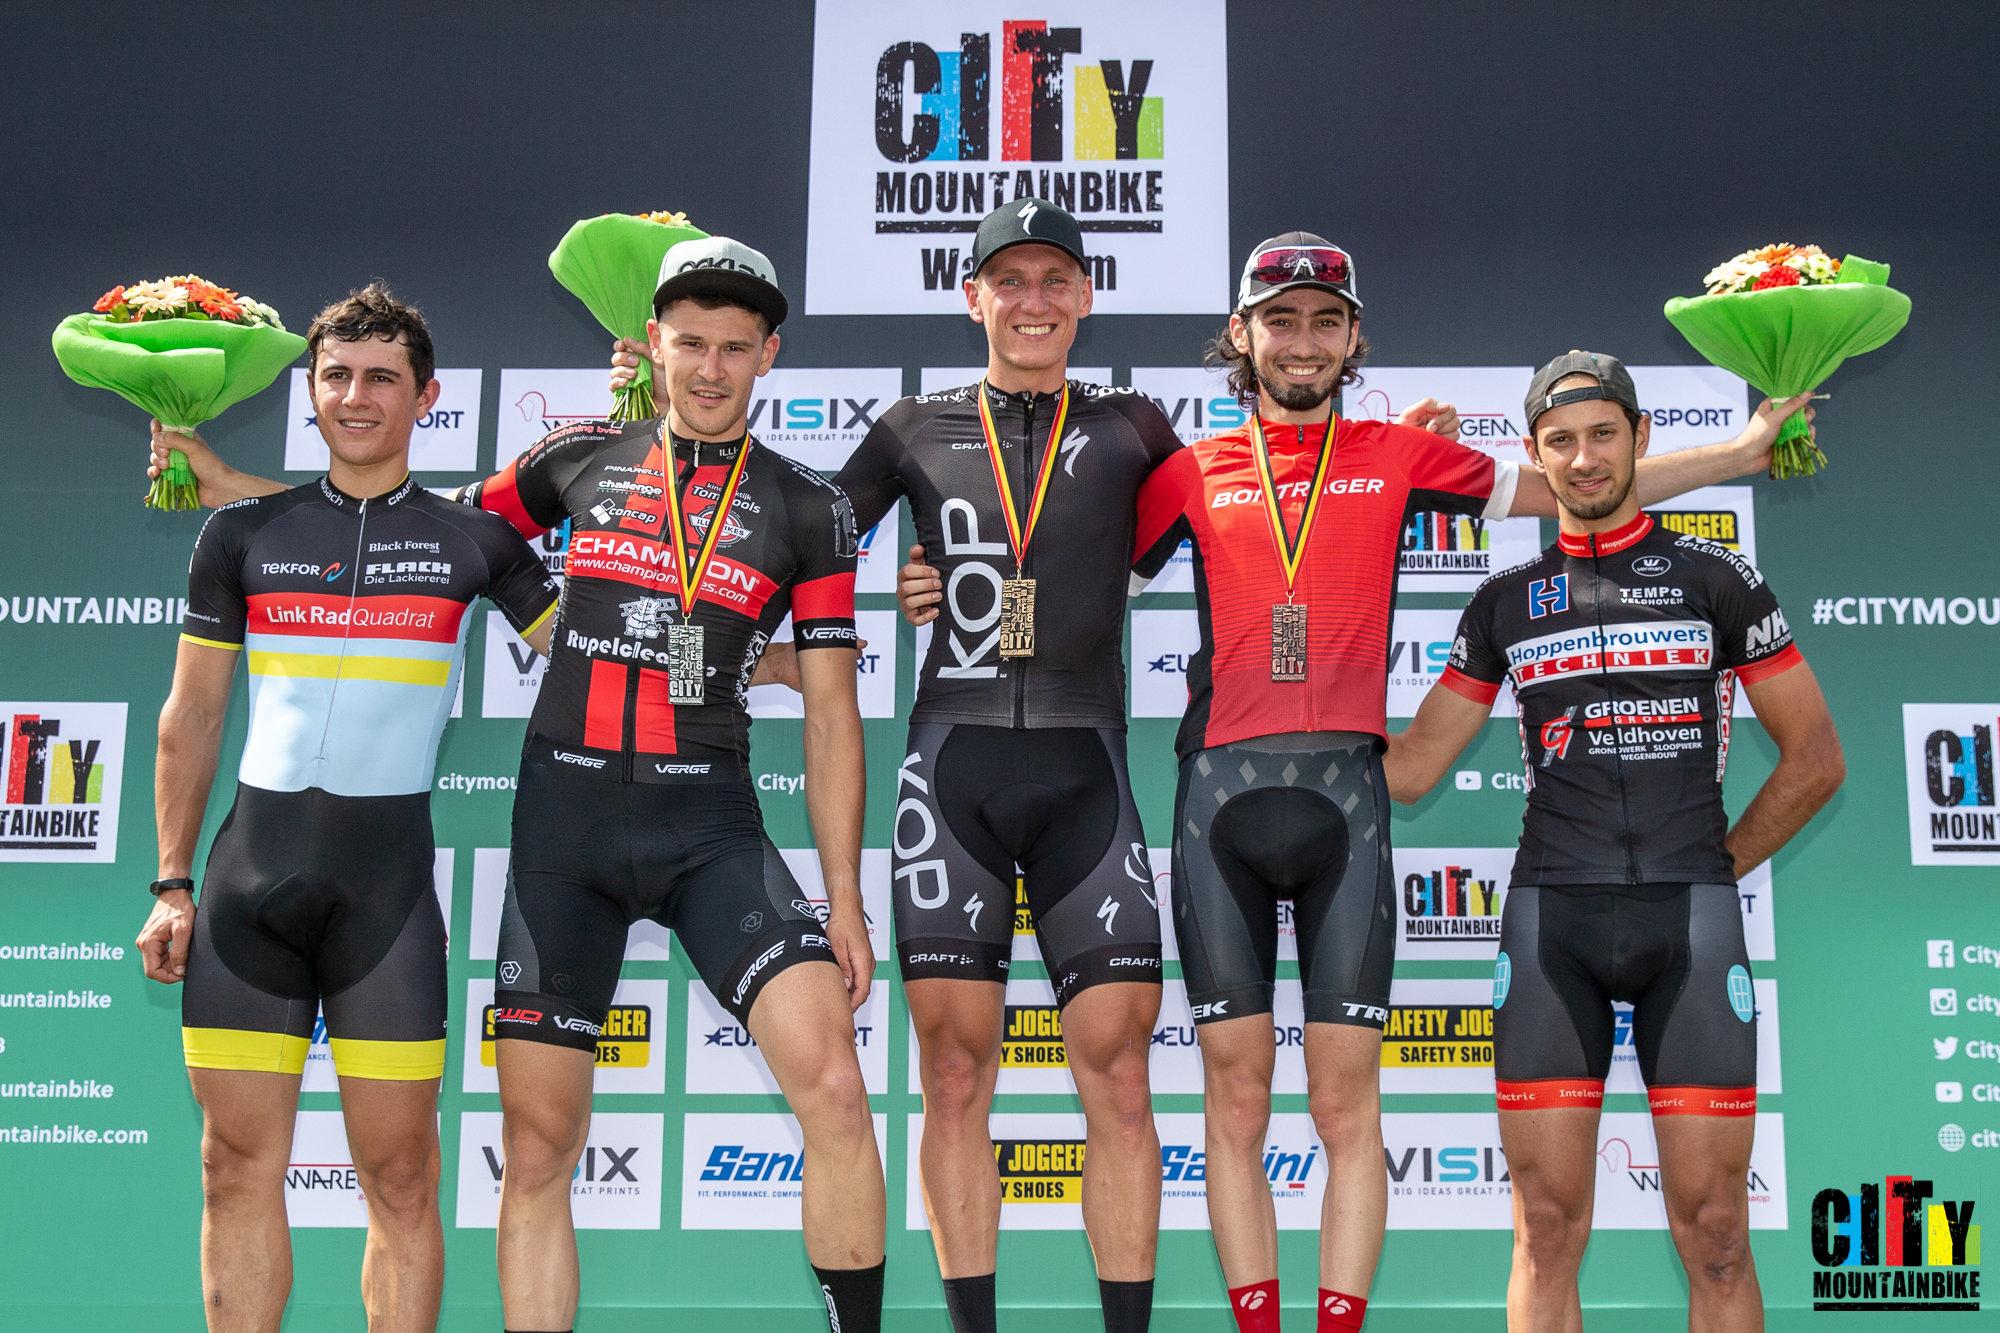 Jeroen van Eck wint City Mountainbike in Waregem